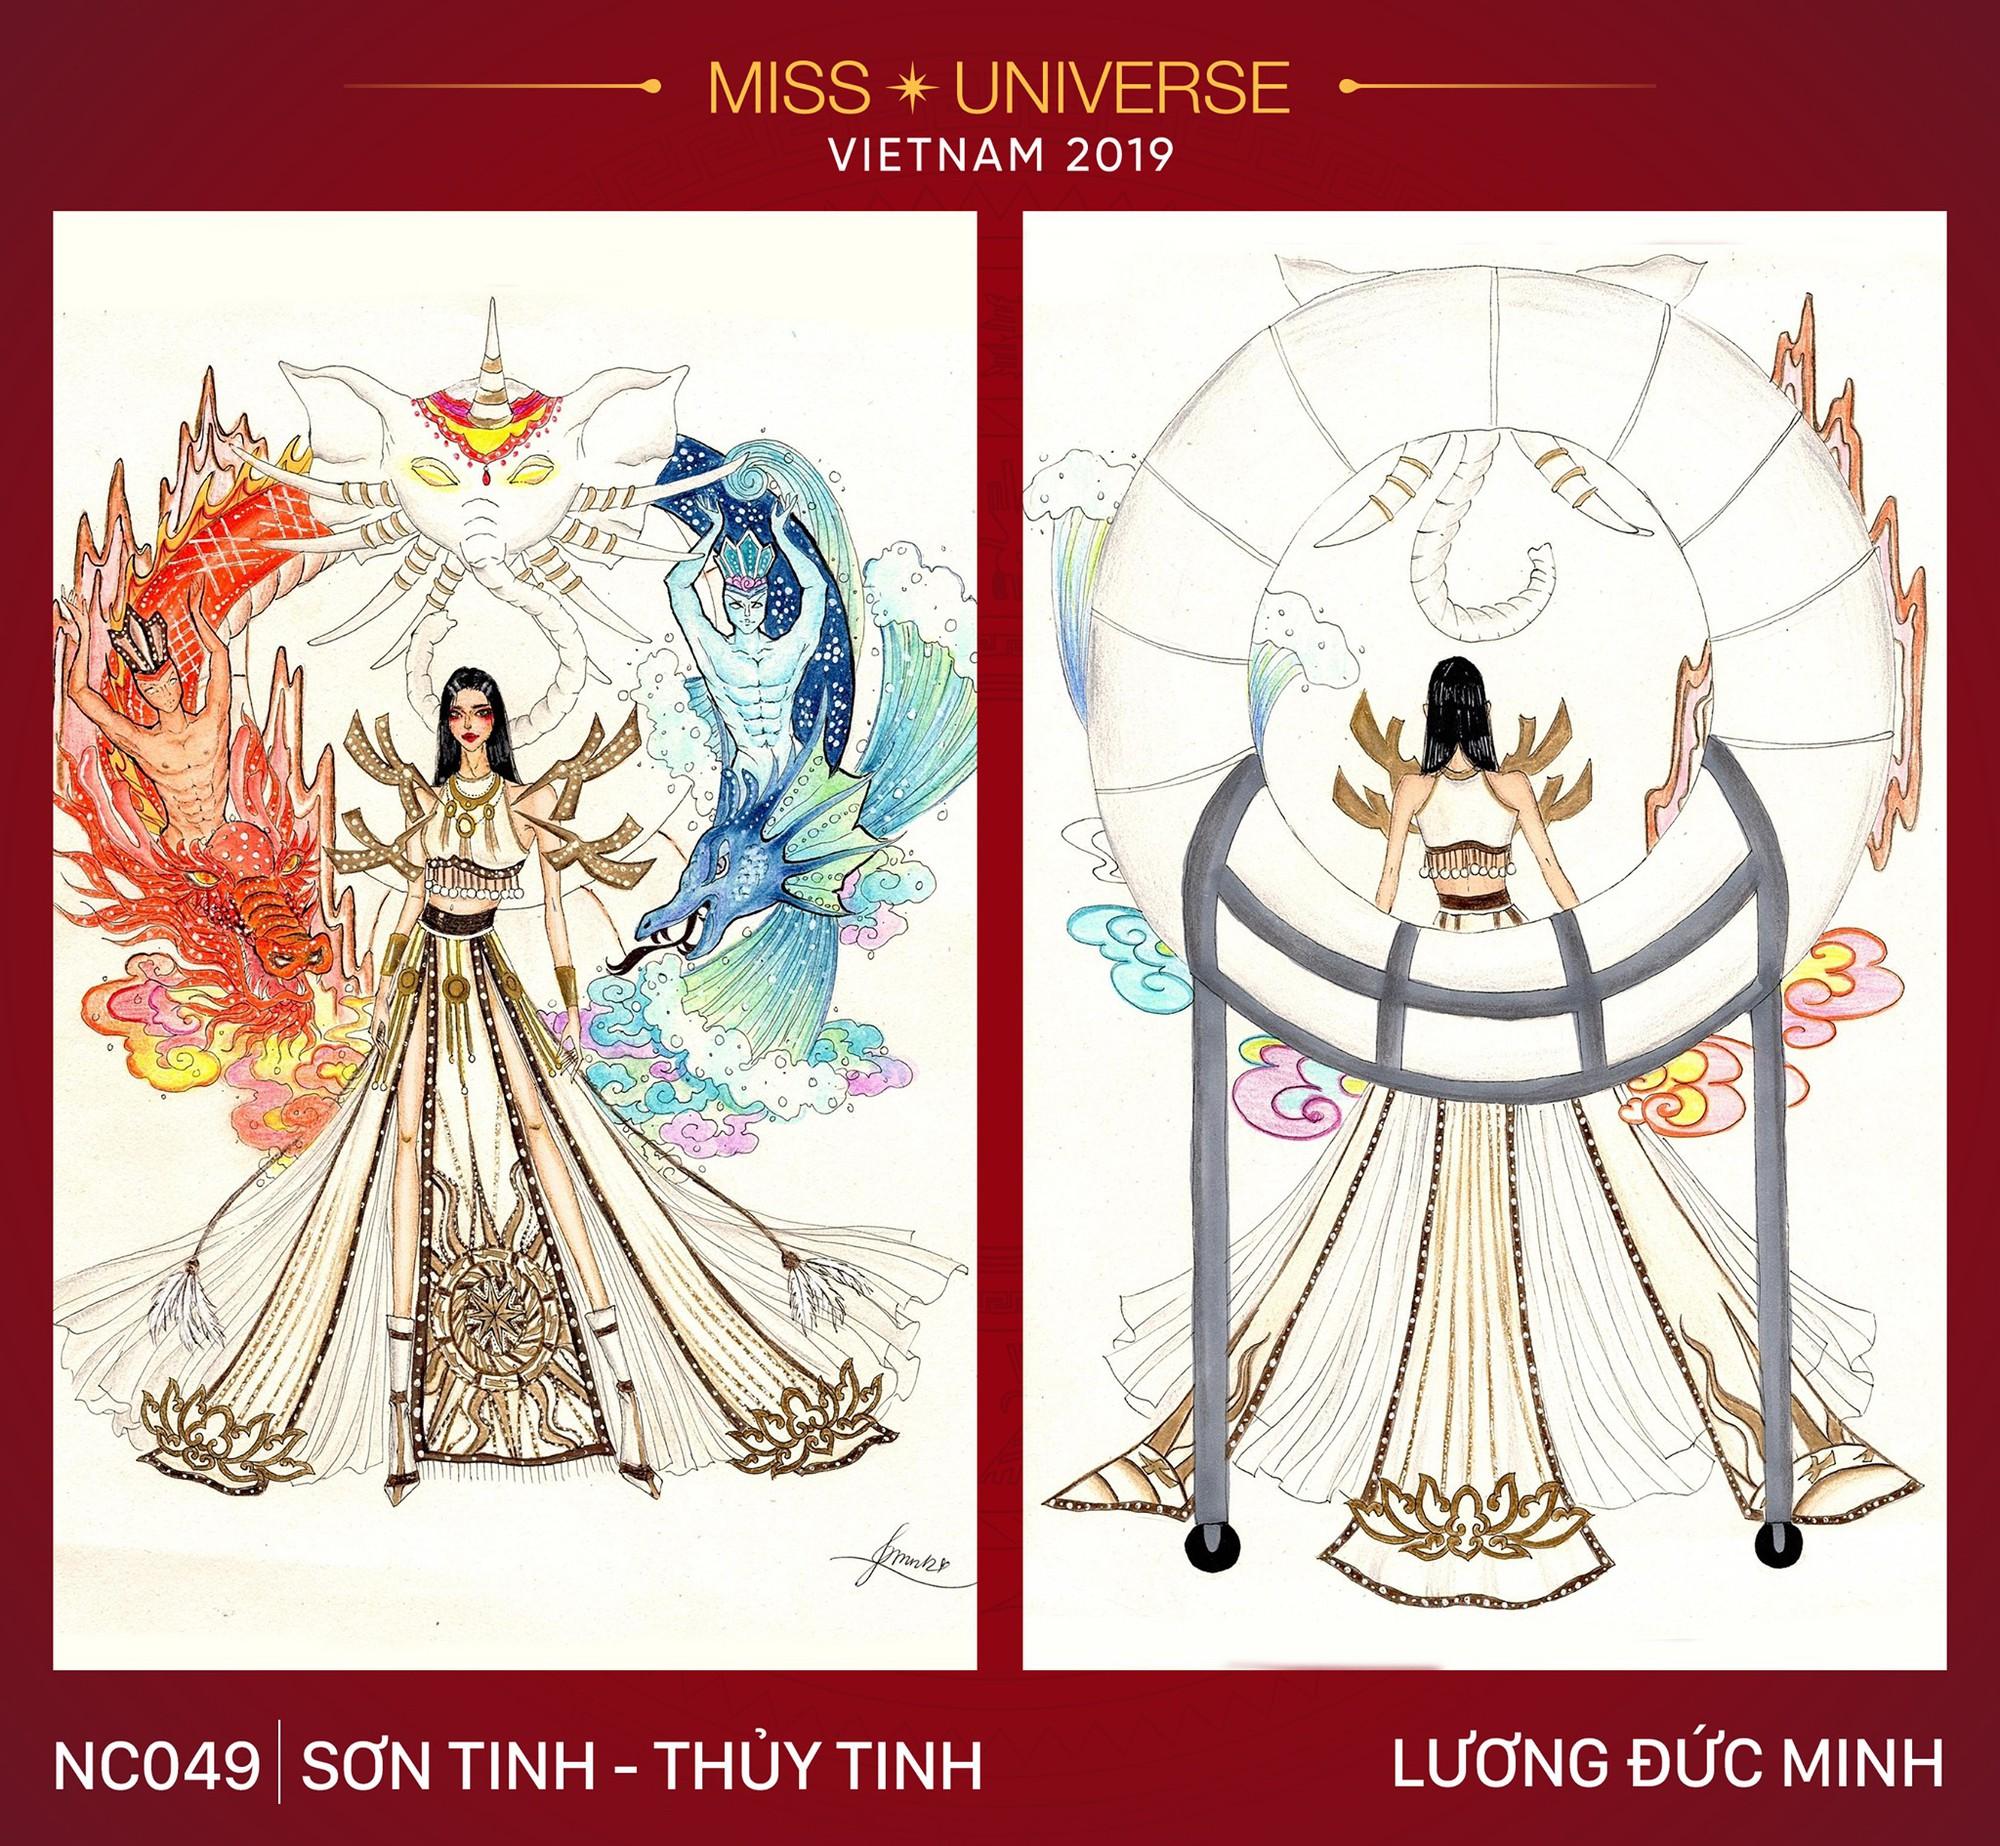 15 ý tưởng táo bạo dễ khiến Hoàng Thùy lọt Top tại Miss Universe 2019 - Ảnh 1.